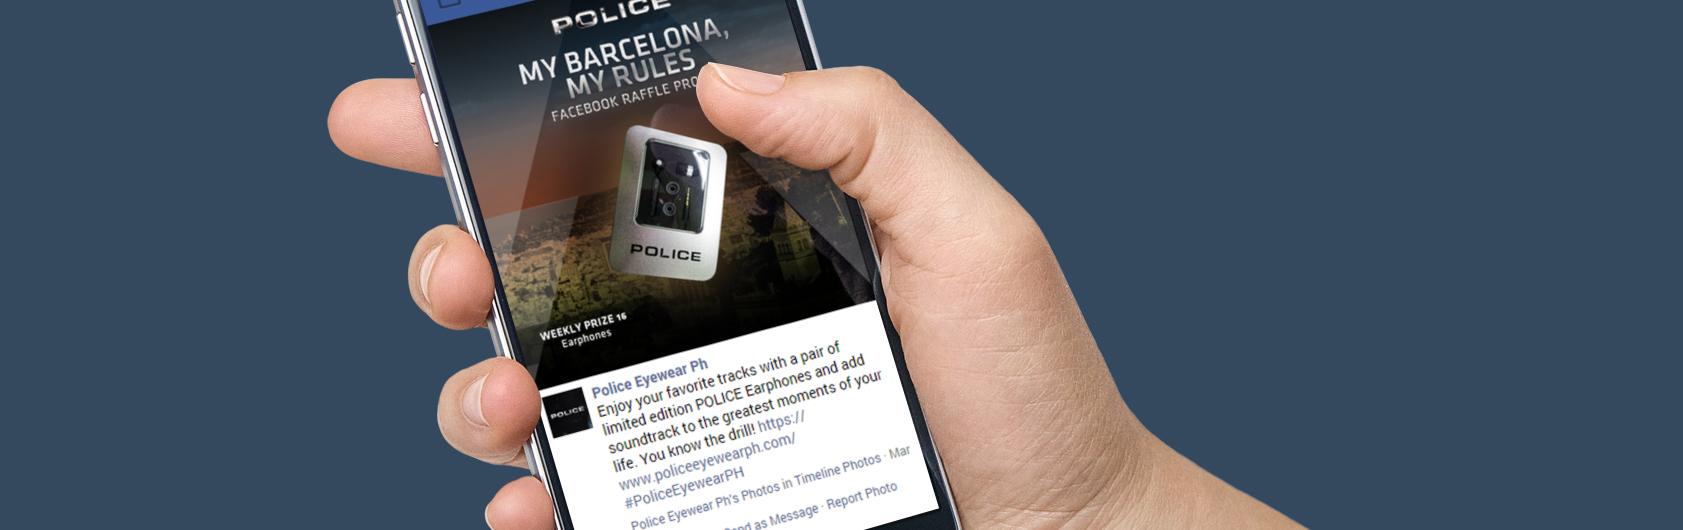 Police_7.jpg